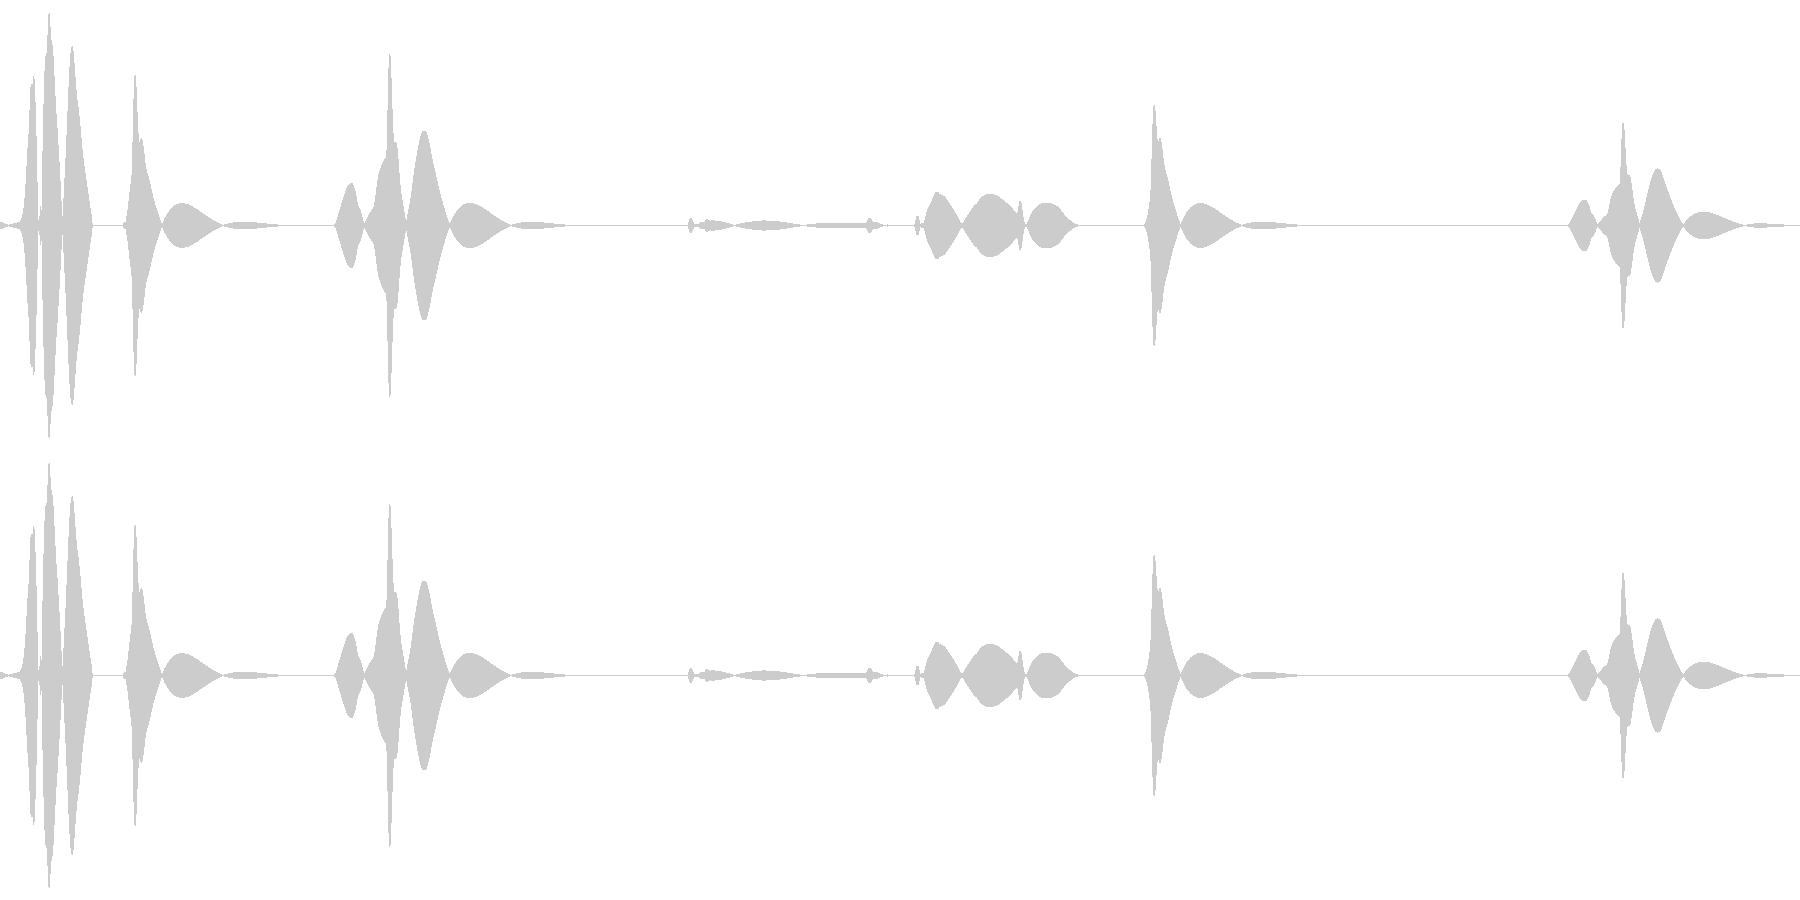 ブツッ:電話が切れる音の未再生の波形